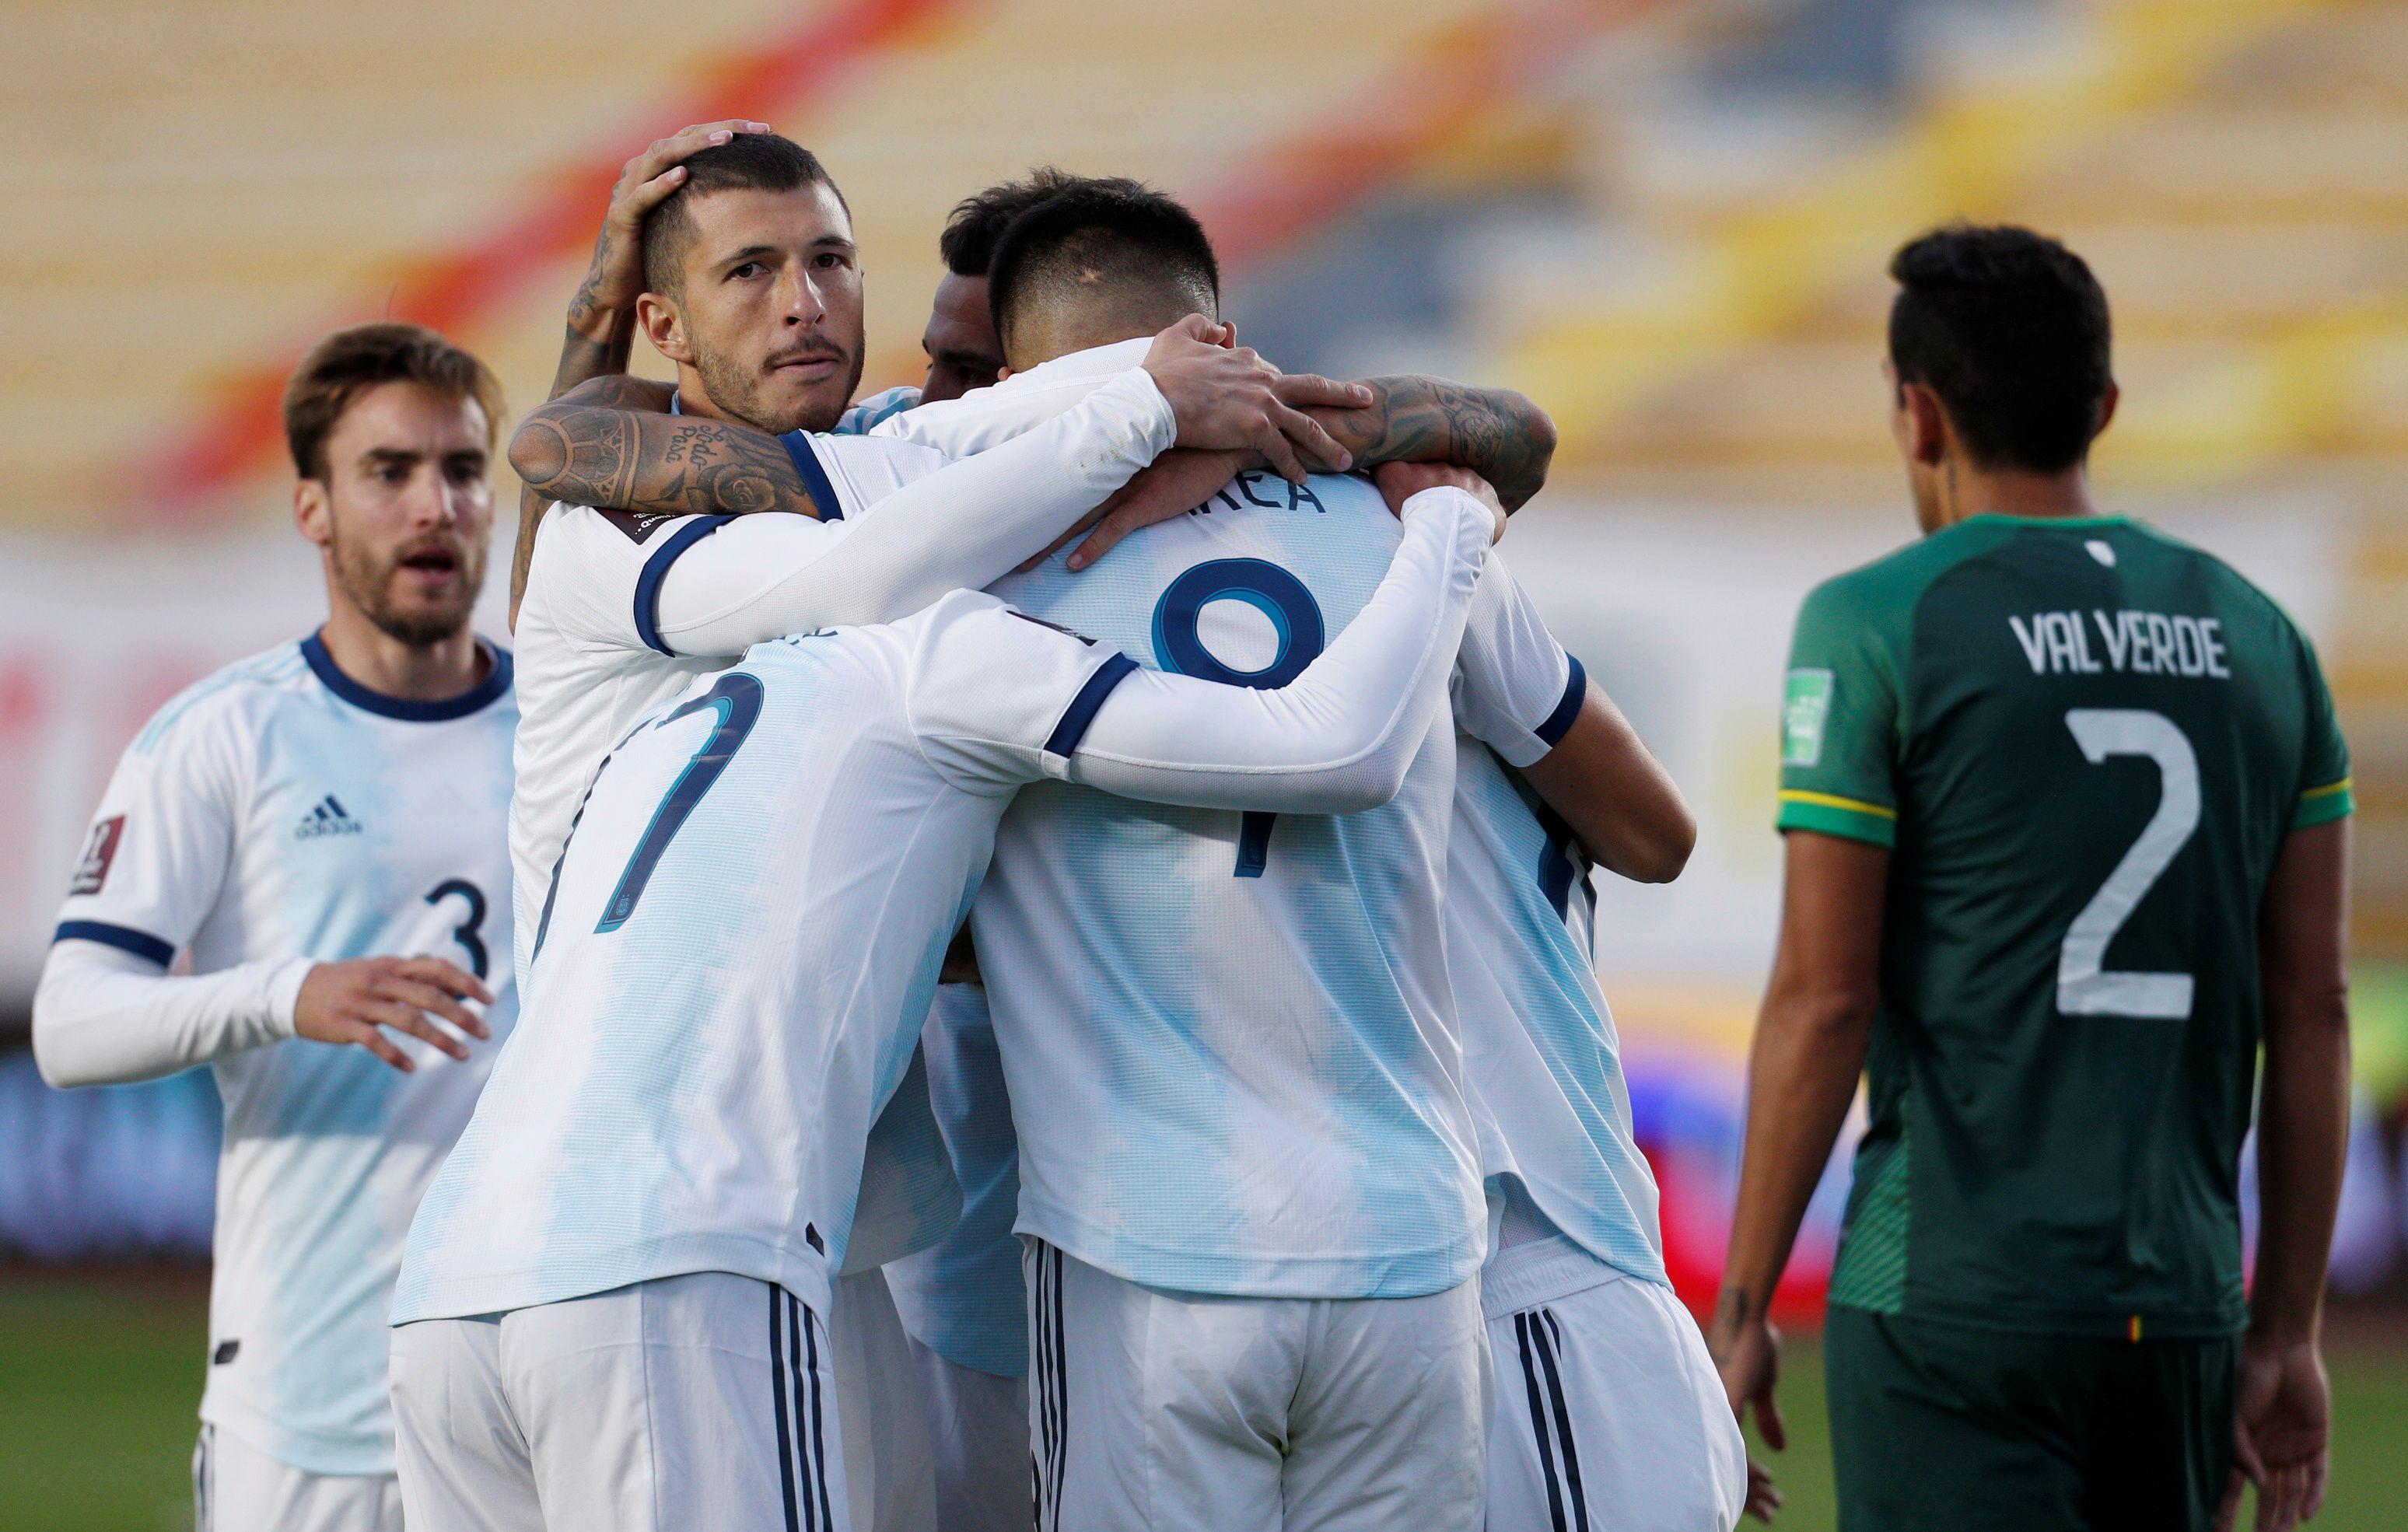 Festejo colectivo de Argentina en el 2-1 ( Juan Karita/Pool via Reuters)